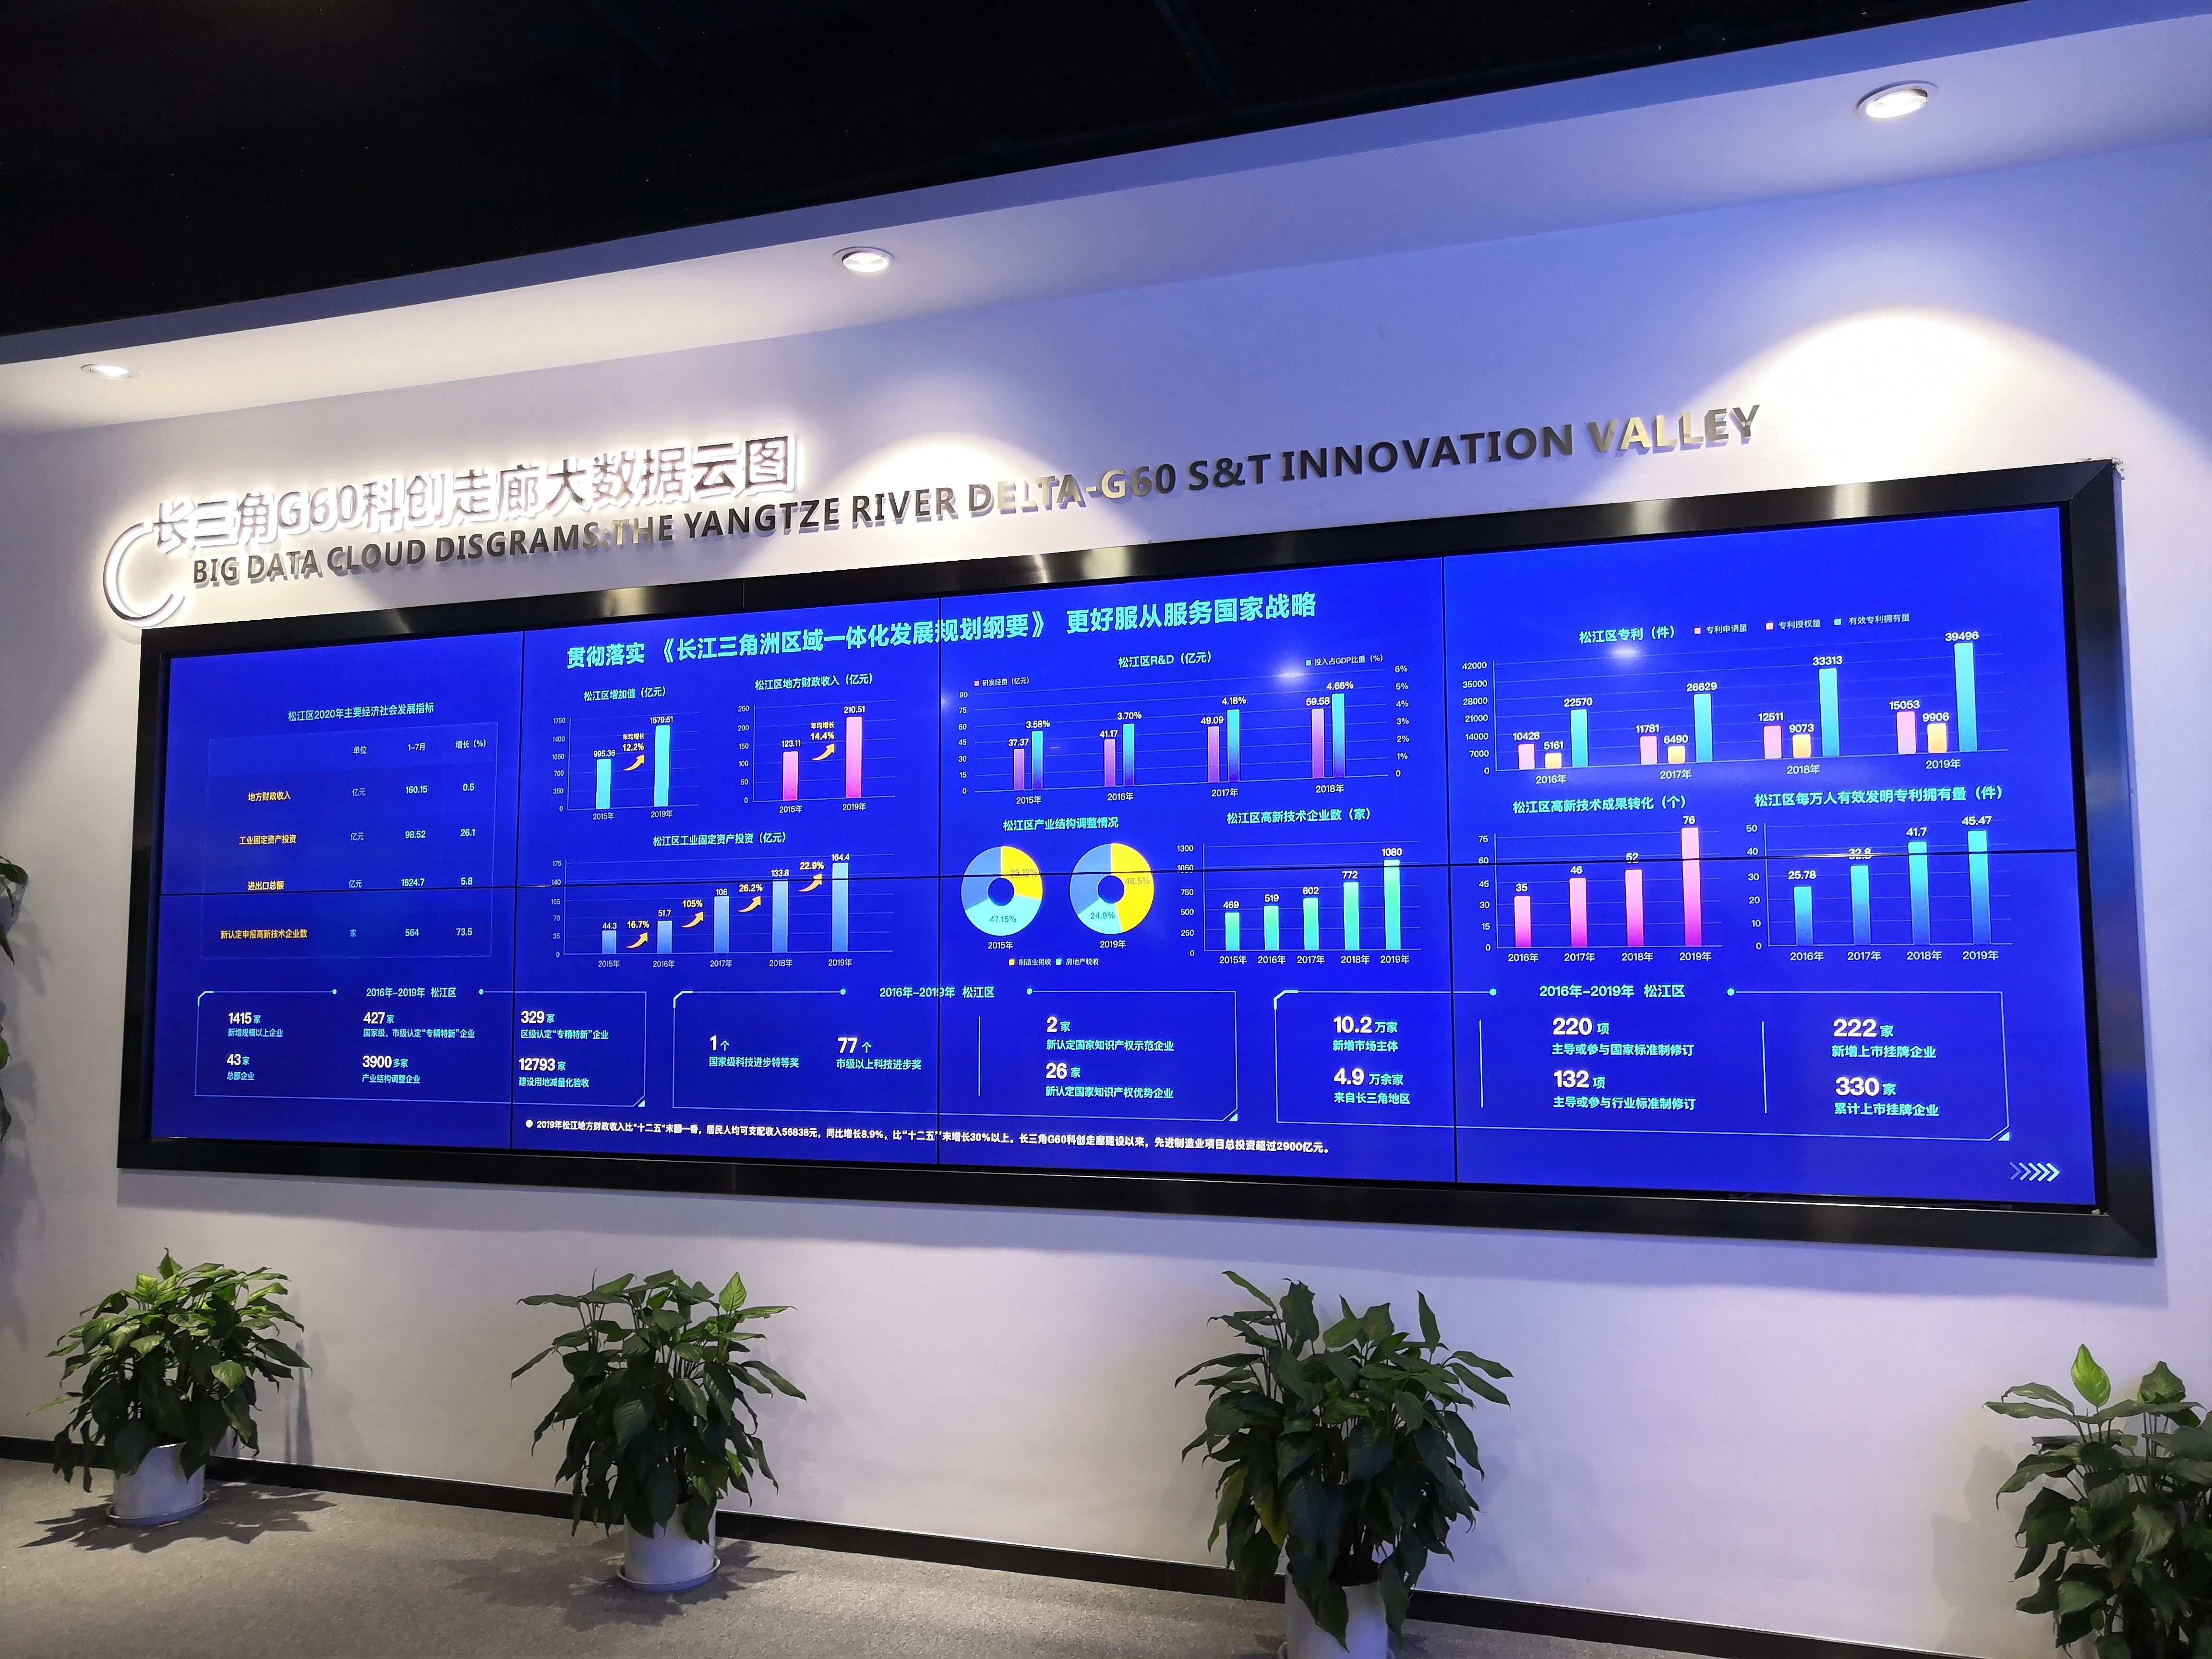 长三角G60科创走廊大数据云图。澎湃新闻见习记者 陈悦 图